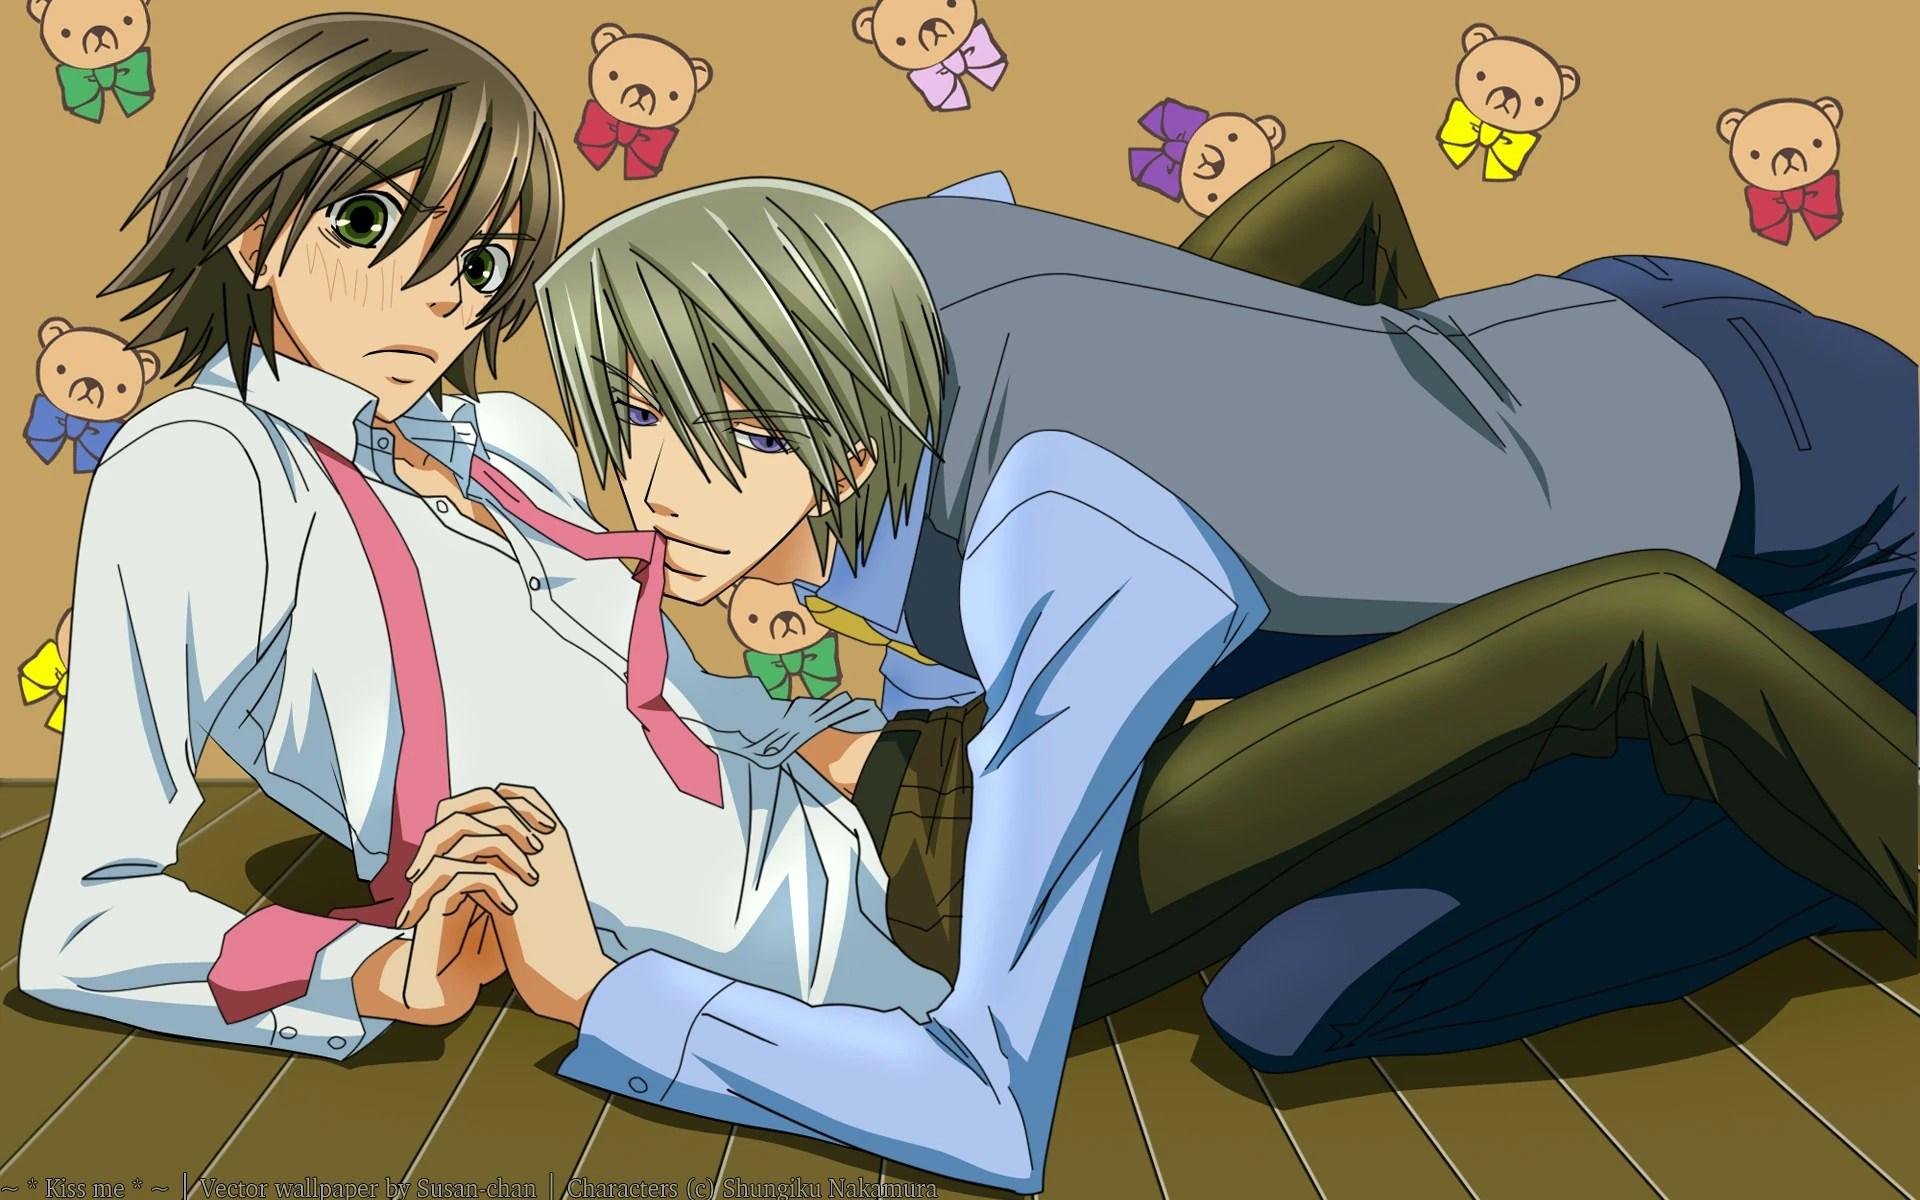 Kết quả hình ảnh cho Junjou Romantica anime